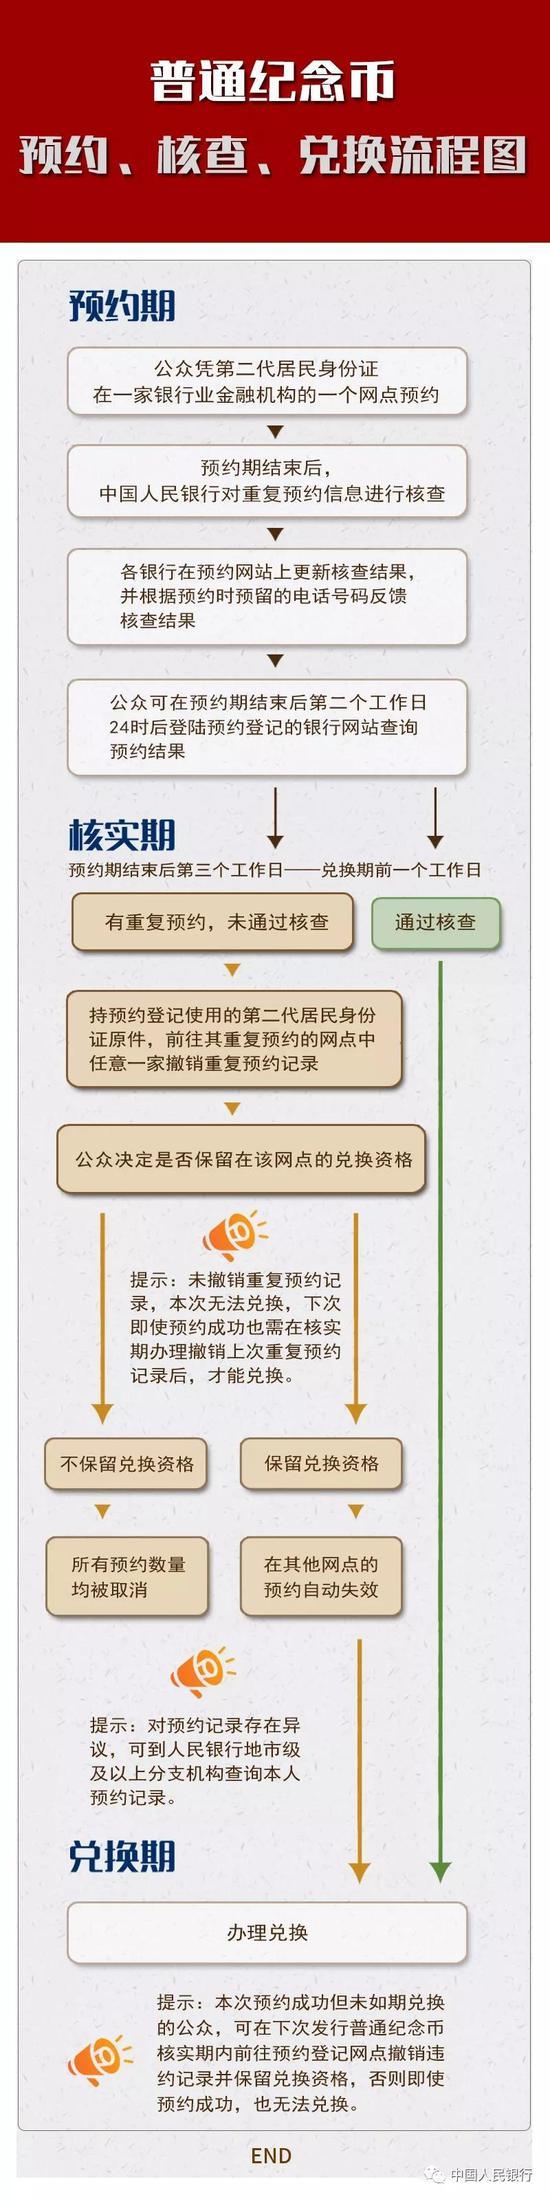 """月博首页手机下载中心_央行缩量续作""""麻辣粉"""" 一度高涨的降准预期或落空"""